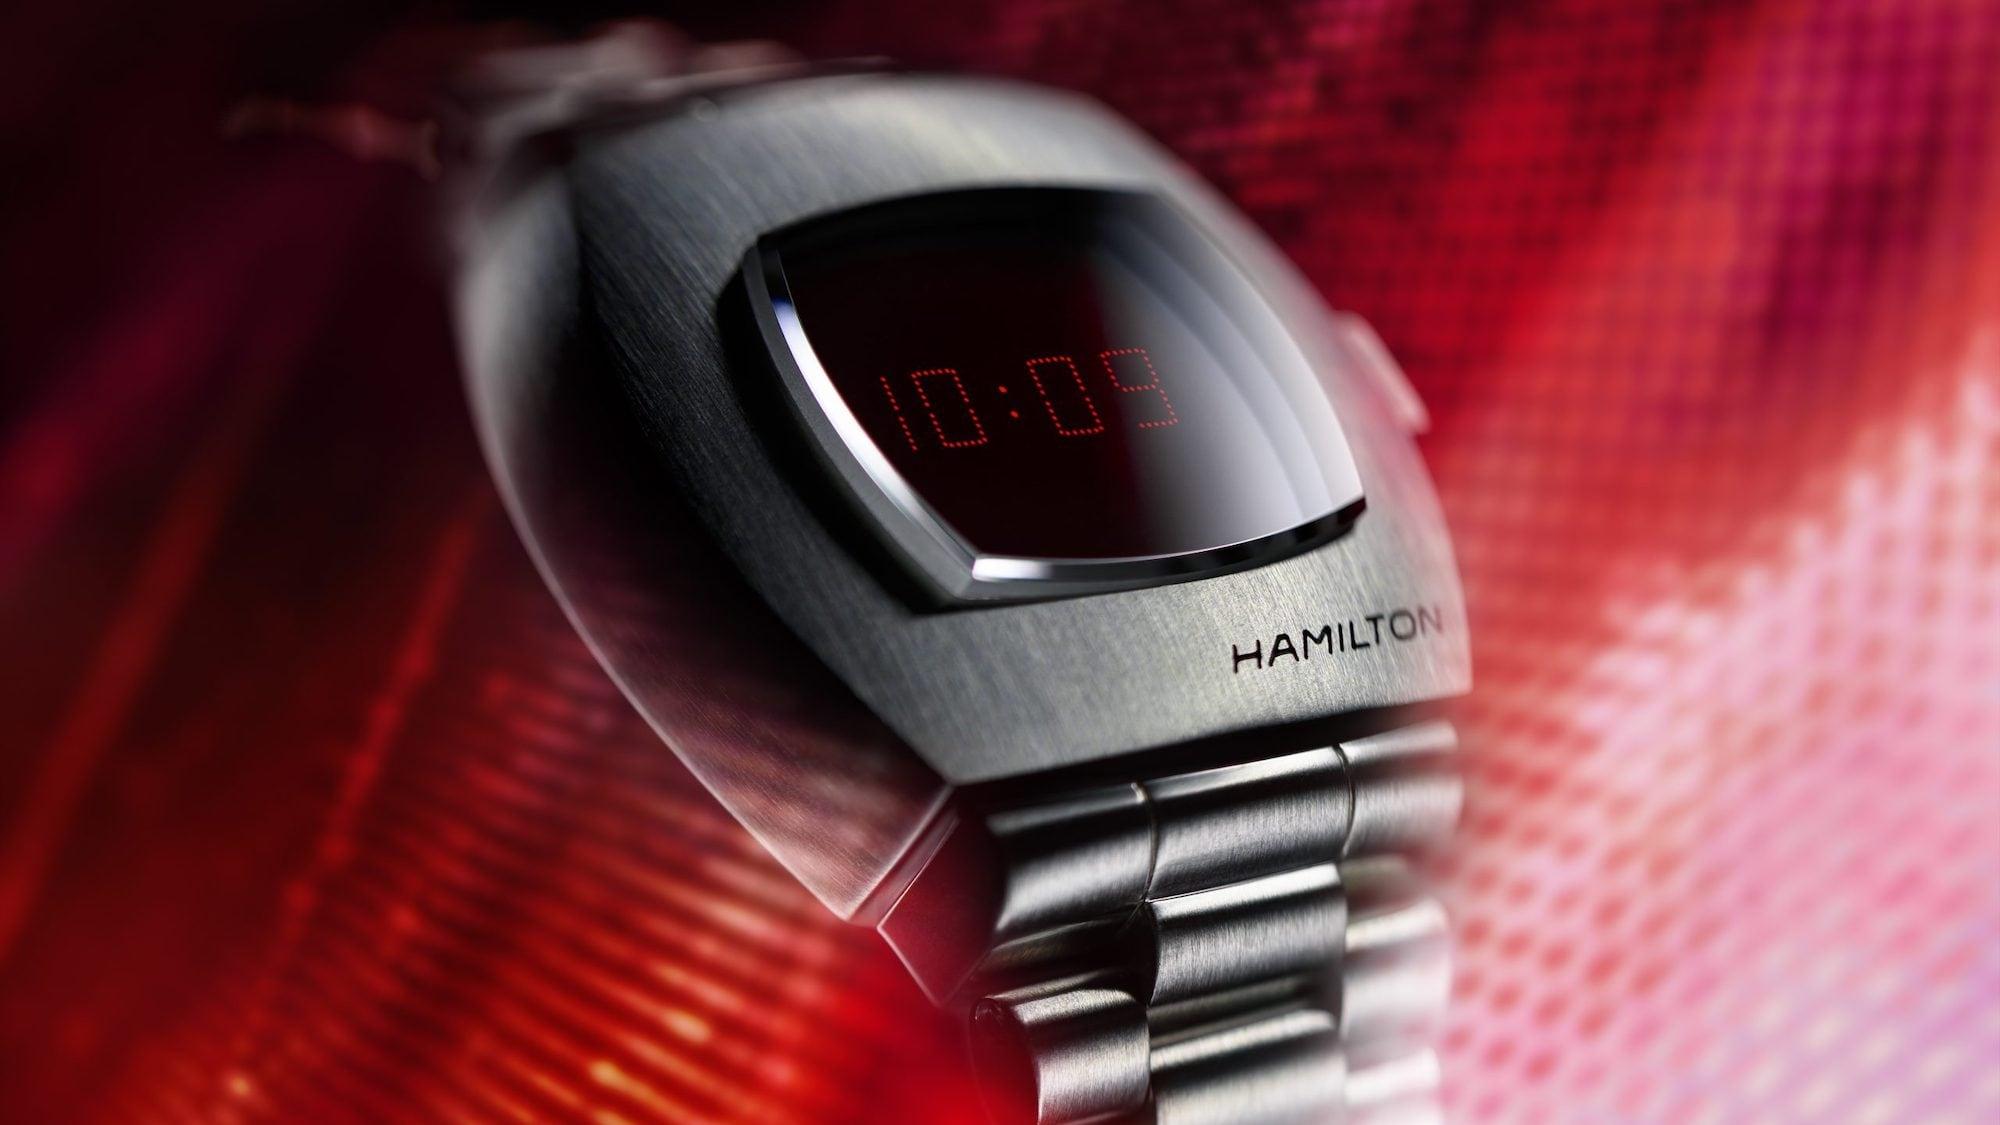 Hamilton Classic PSR Digital Quartz Watch